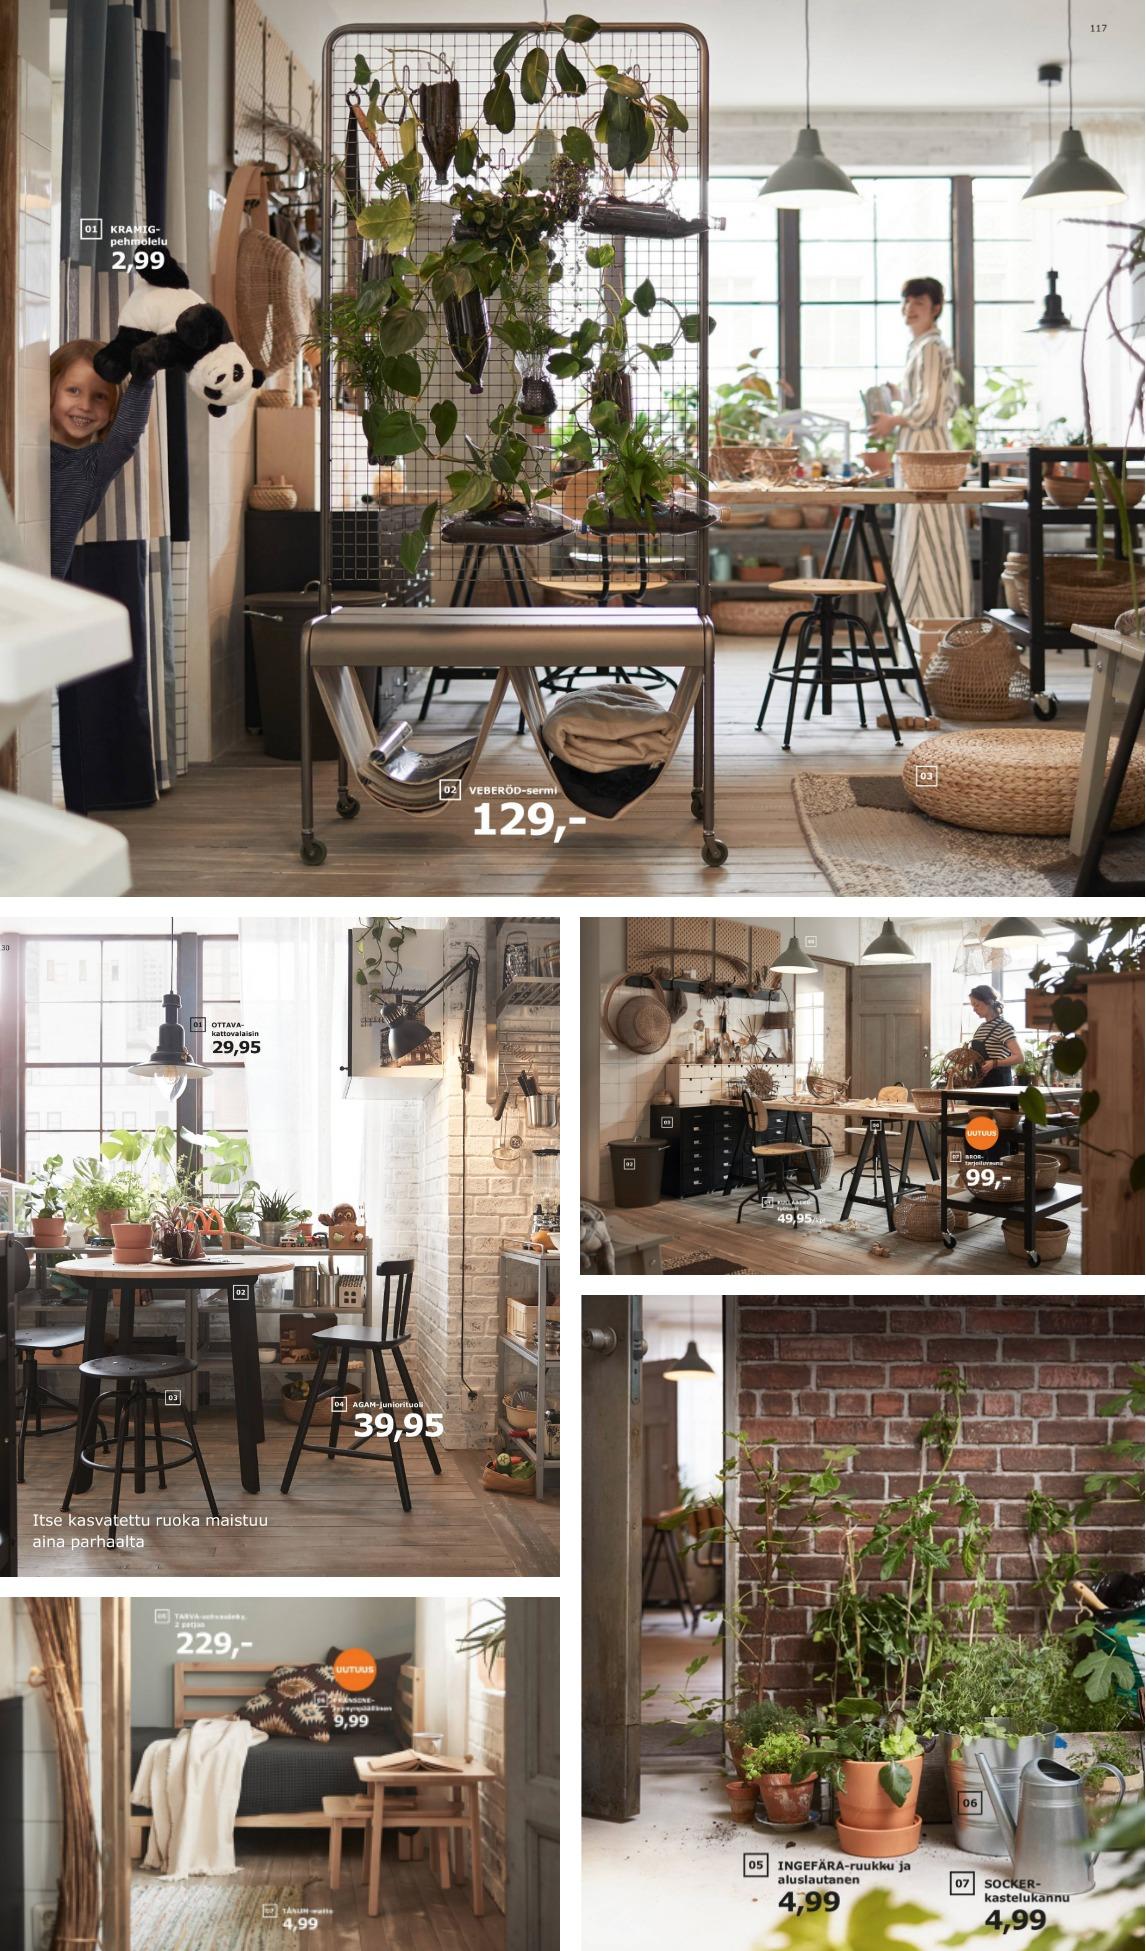 Syksyn eloisat sisustustrendit – Uusi IKEA-kuvasto